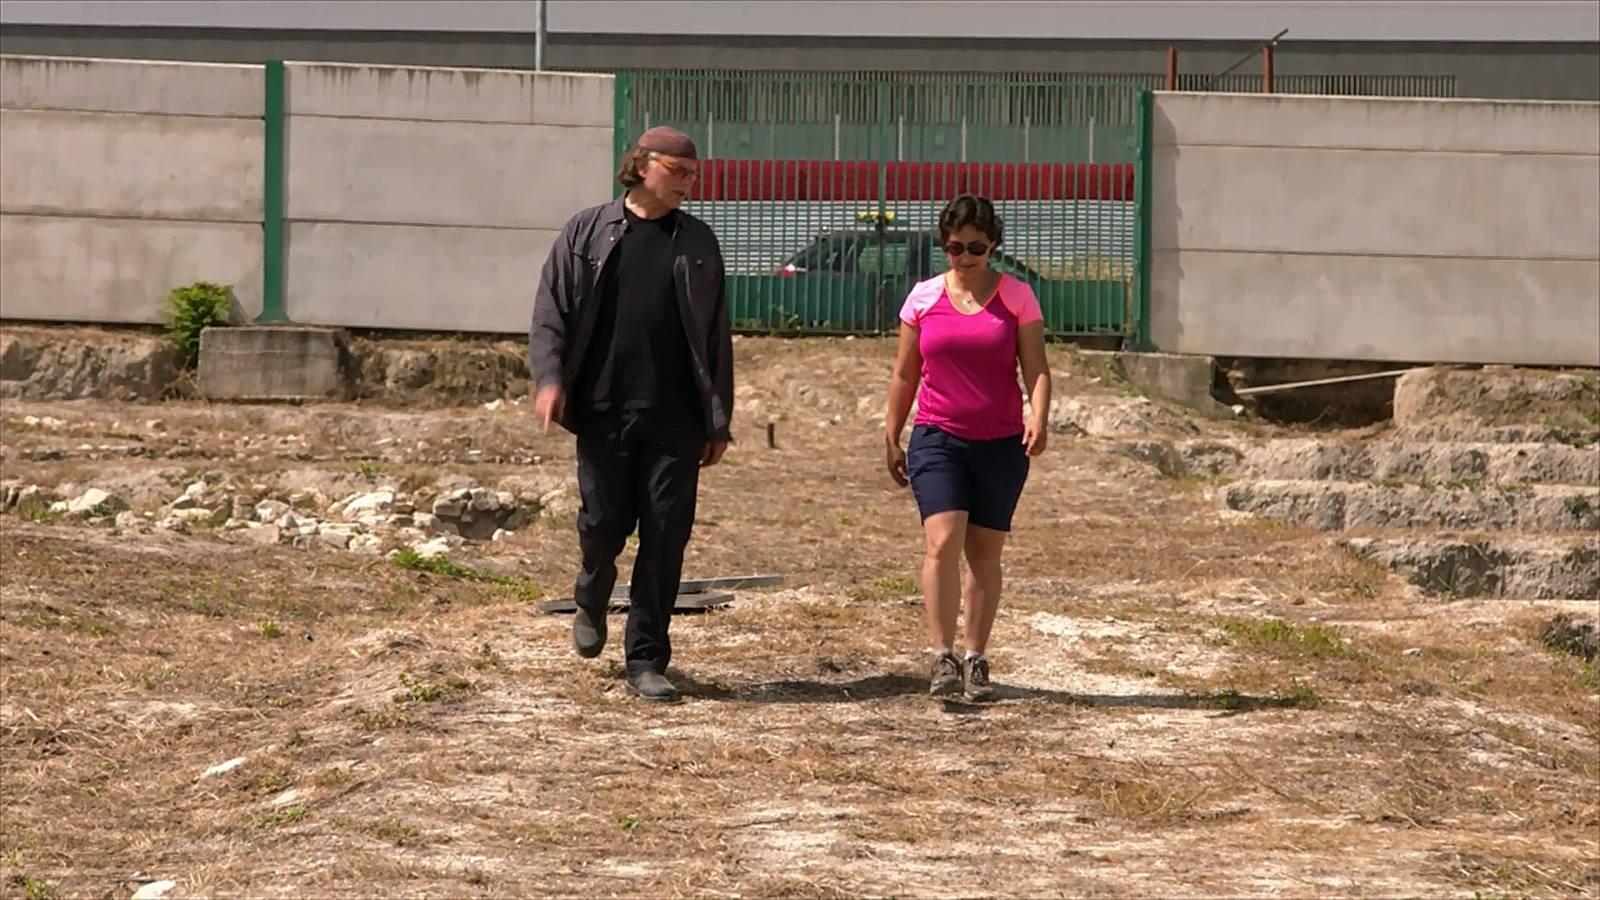 Estela Pérez Ruiz explicando Maroquíes Bajos al multipremiado cineasta iasraelí-canadiense, Simcha Jacobovici,